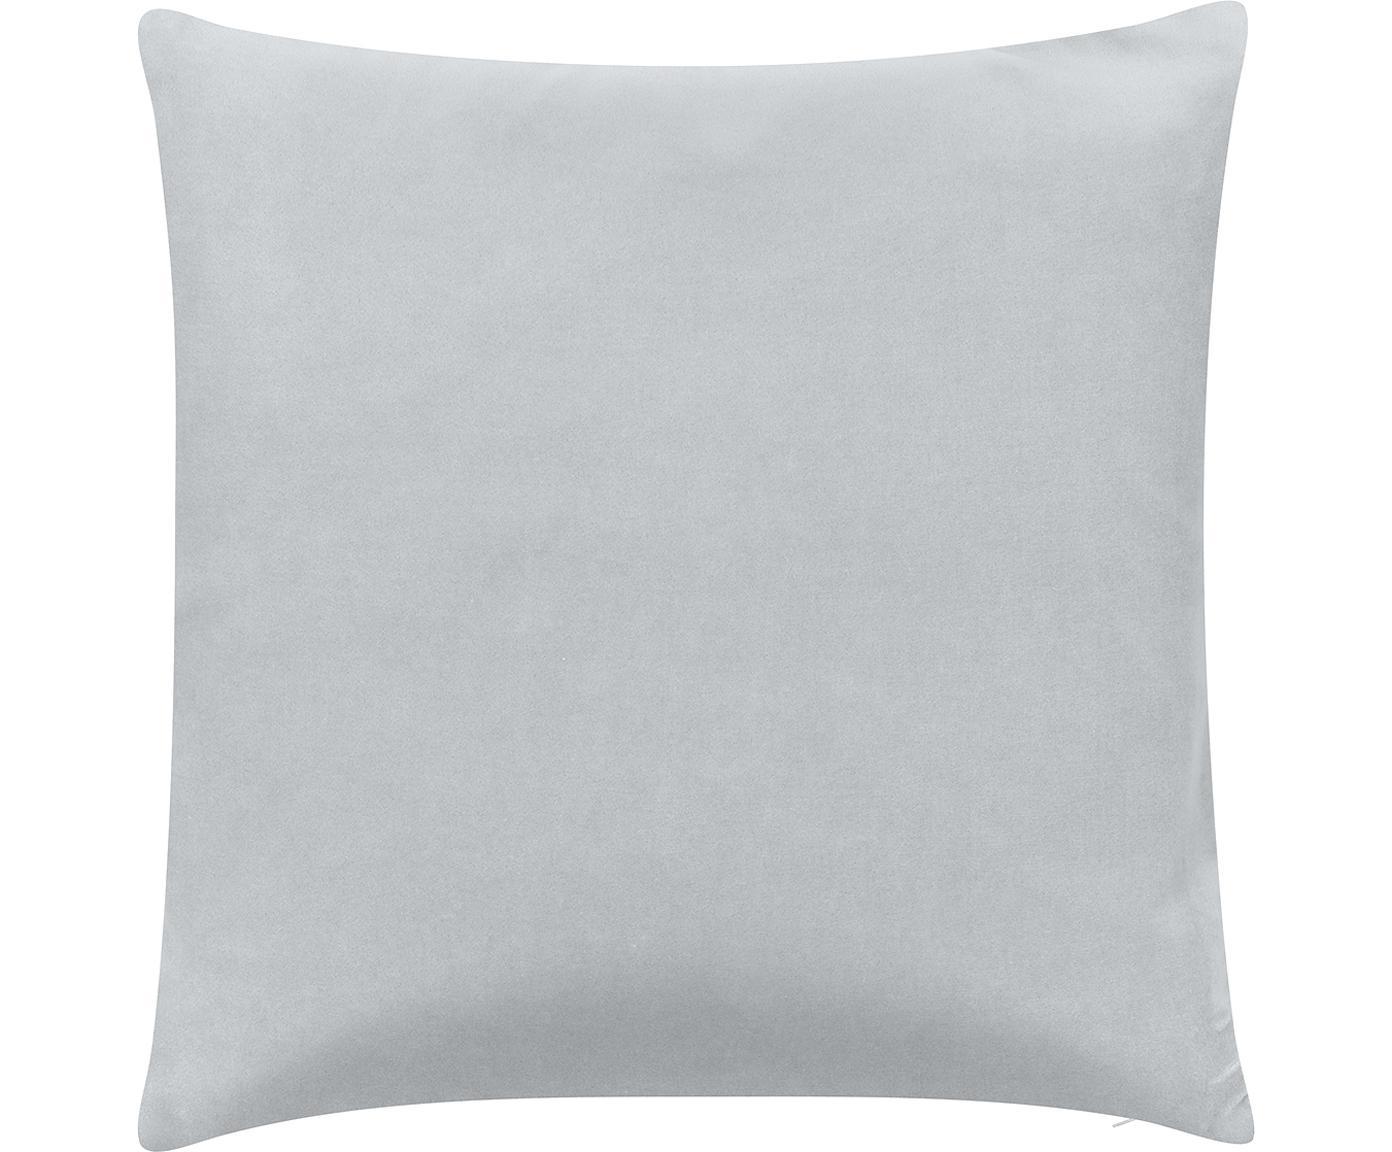 Poszewka na poduszkę z aksamitu Shiny, Aksamit bawełniany, Jasny szary, odcienie srebrnego, S 40 x D 40 cm